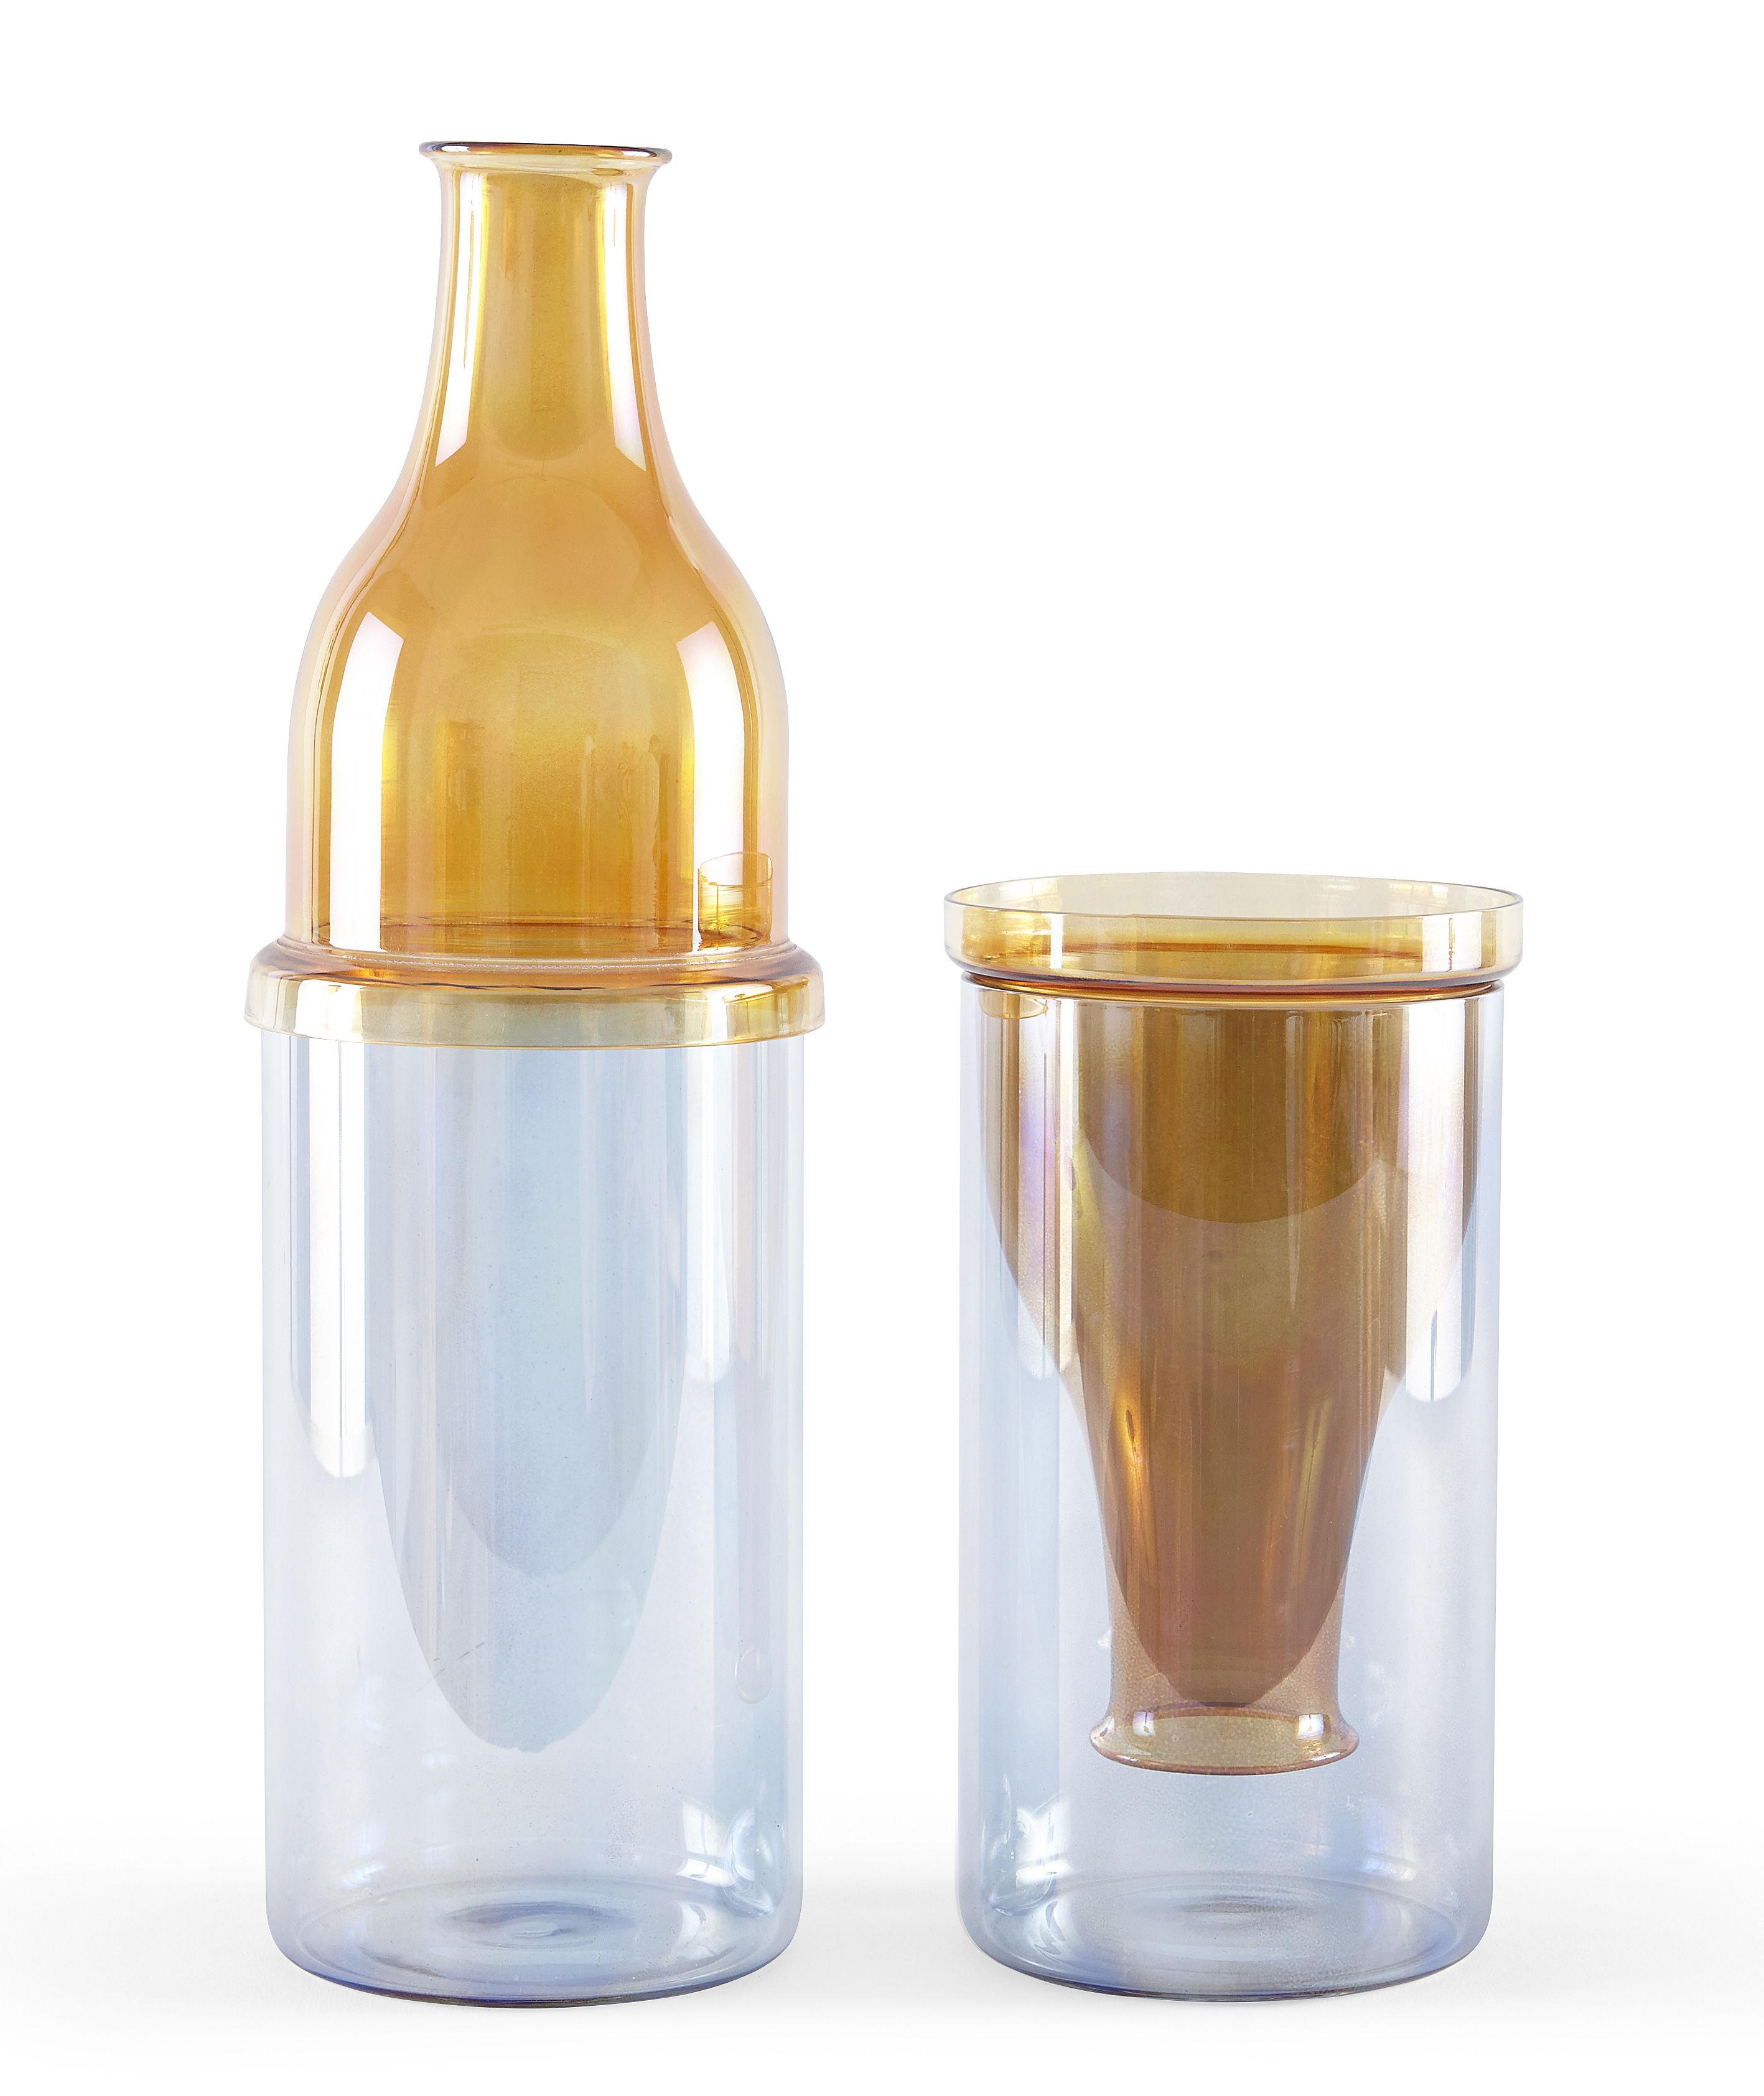 sunset haut vase glass 12 x h 36 5 cm amber blue. Black Bedroom Furniture Sets. Home Design Ideas